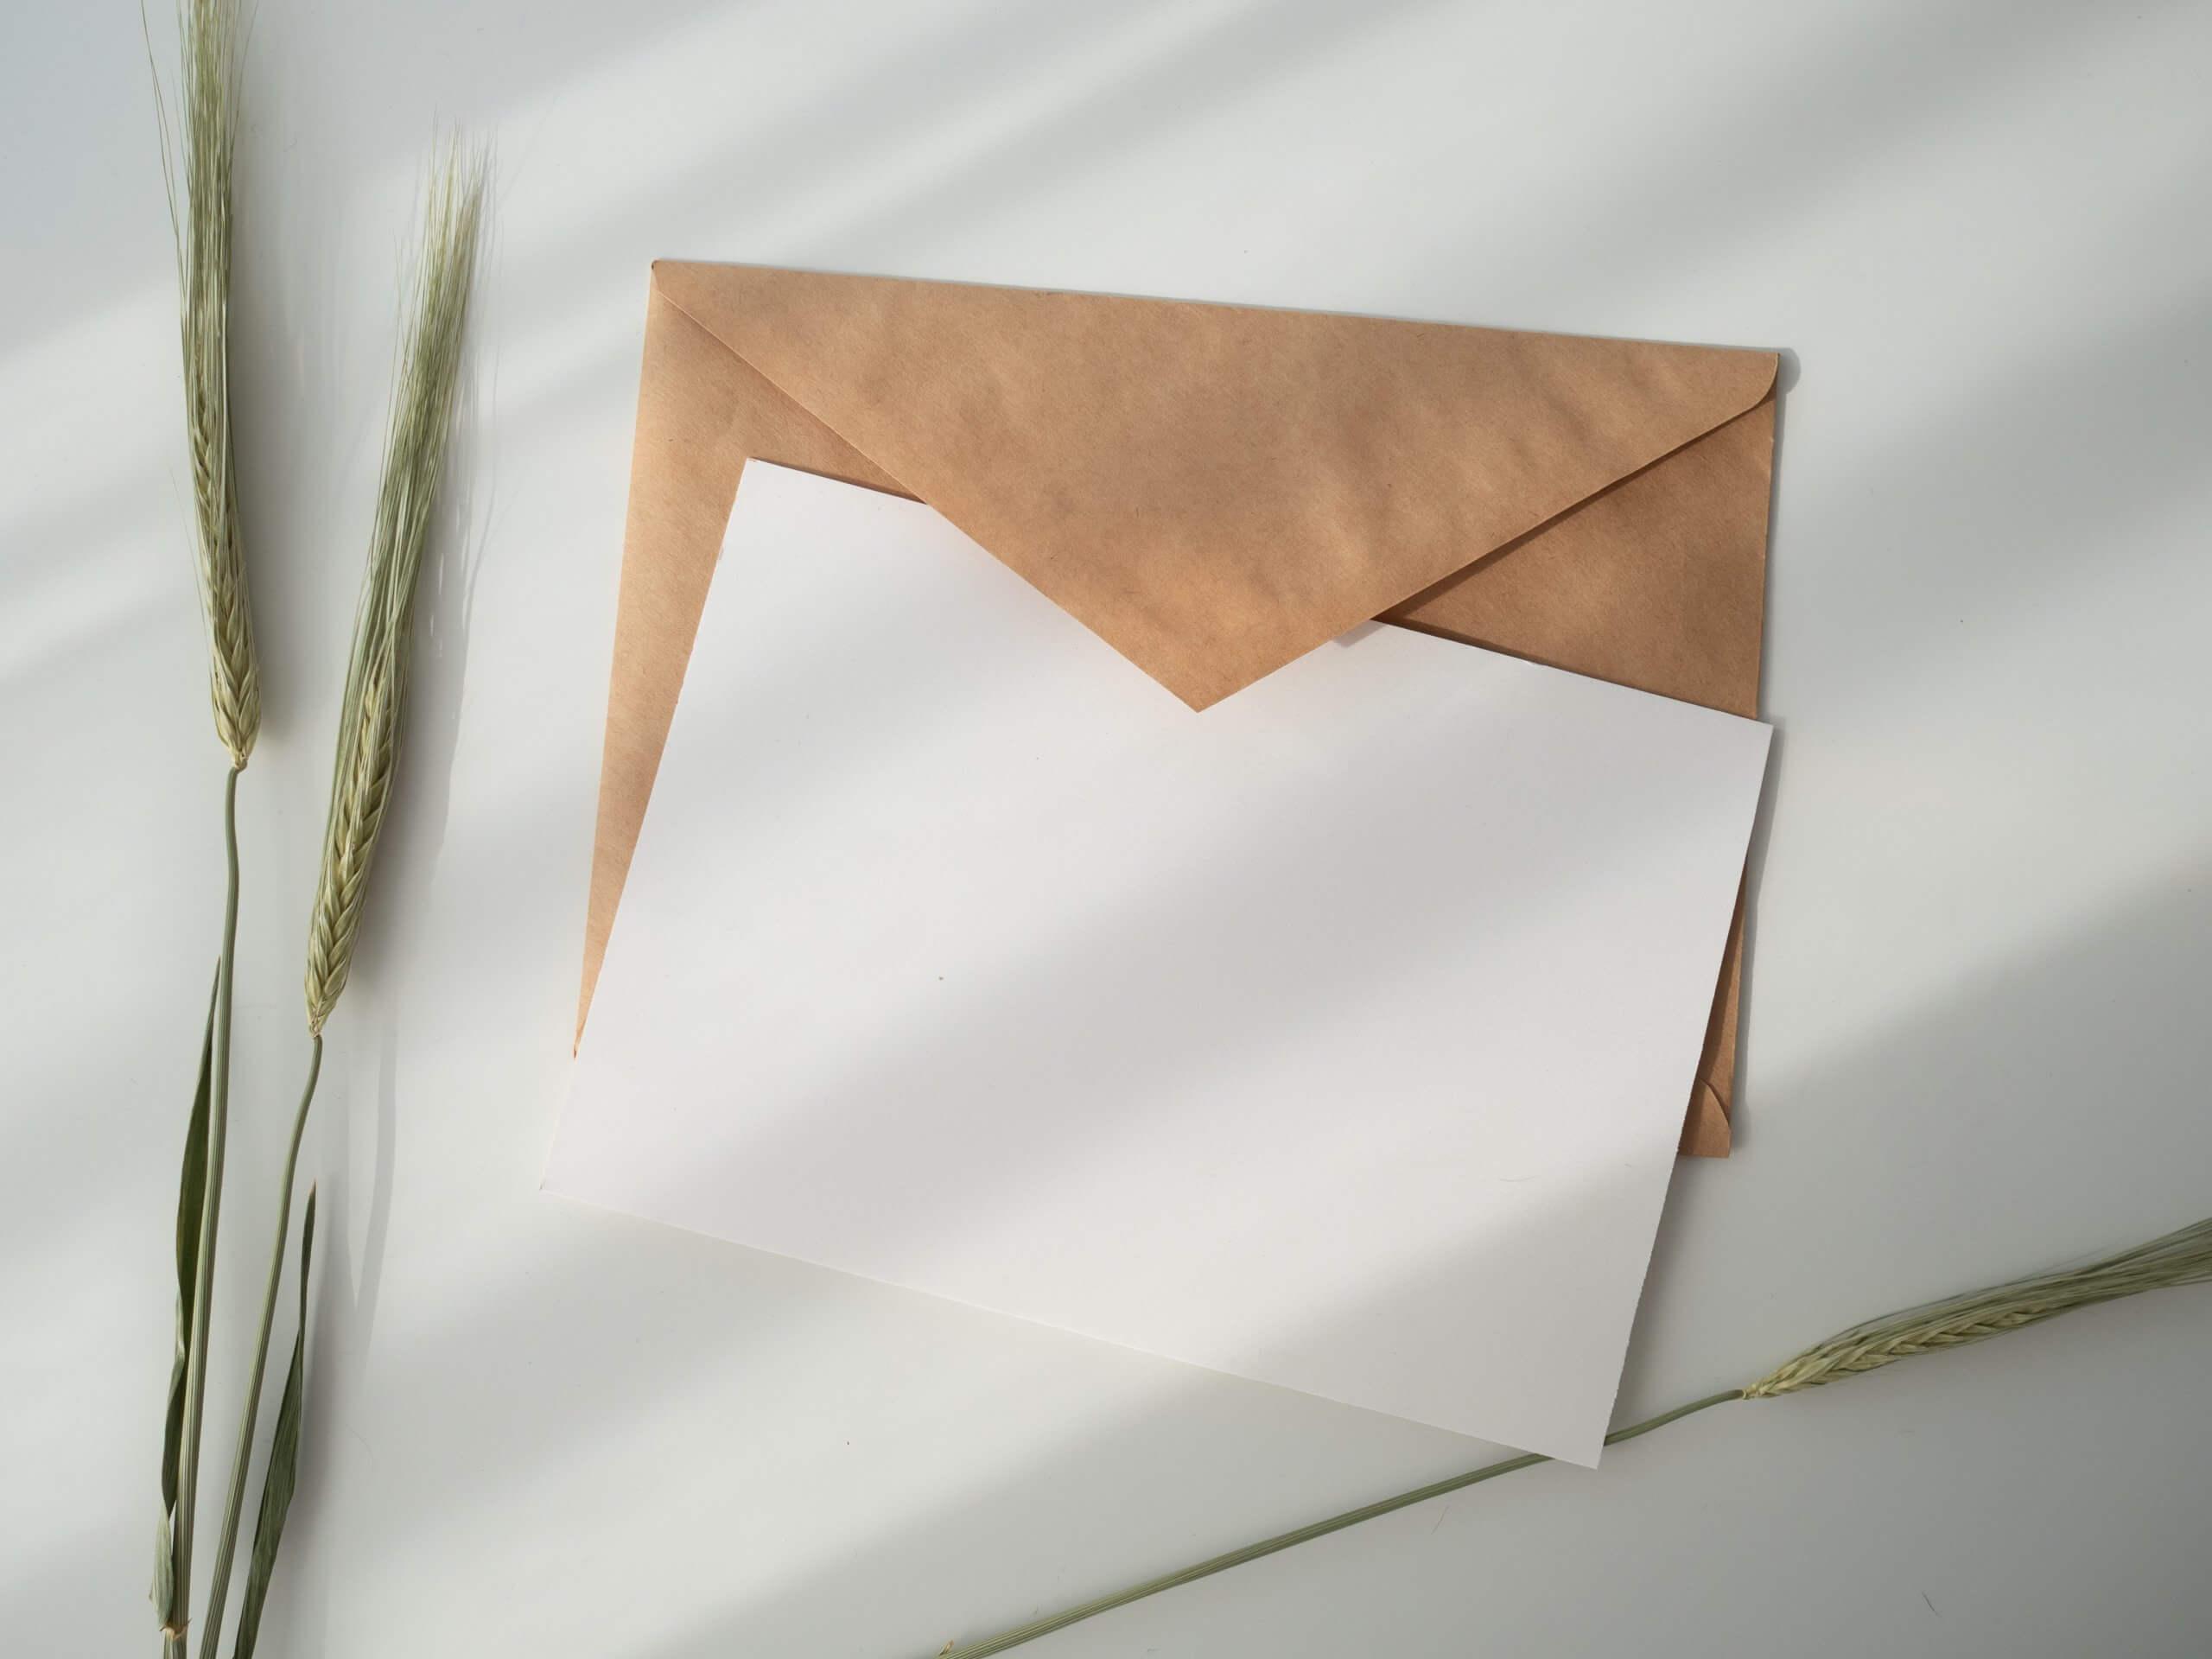 Einladungskarte – Gestalte, versende, überrasche